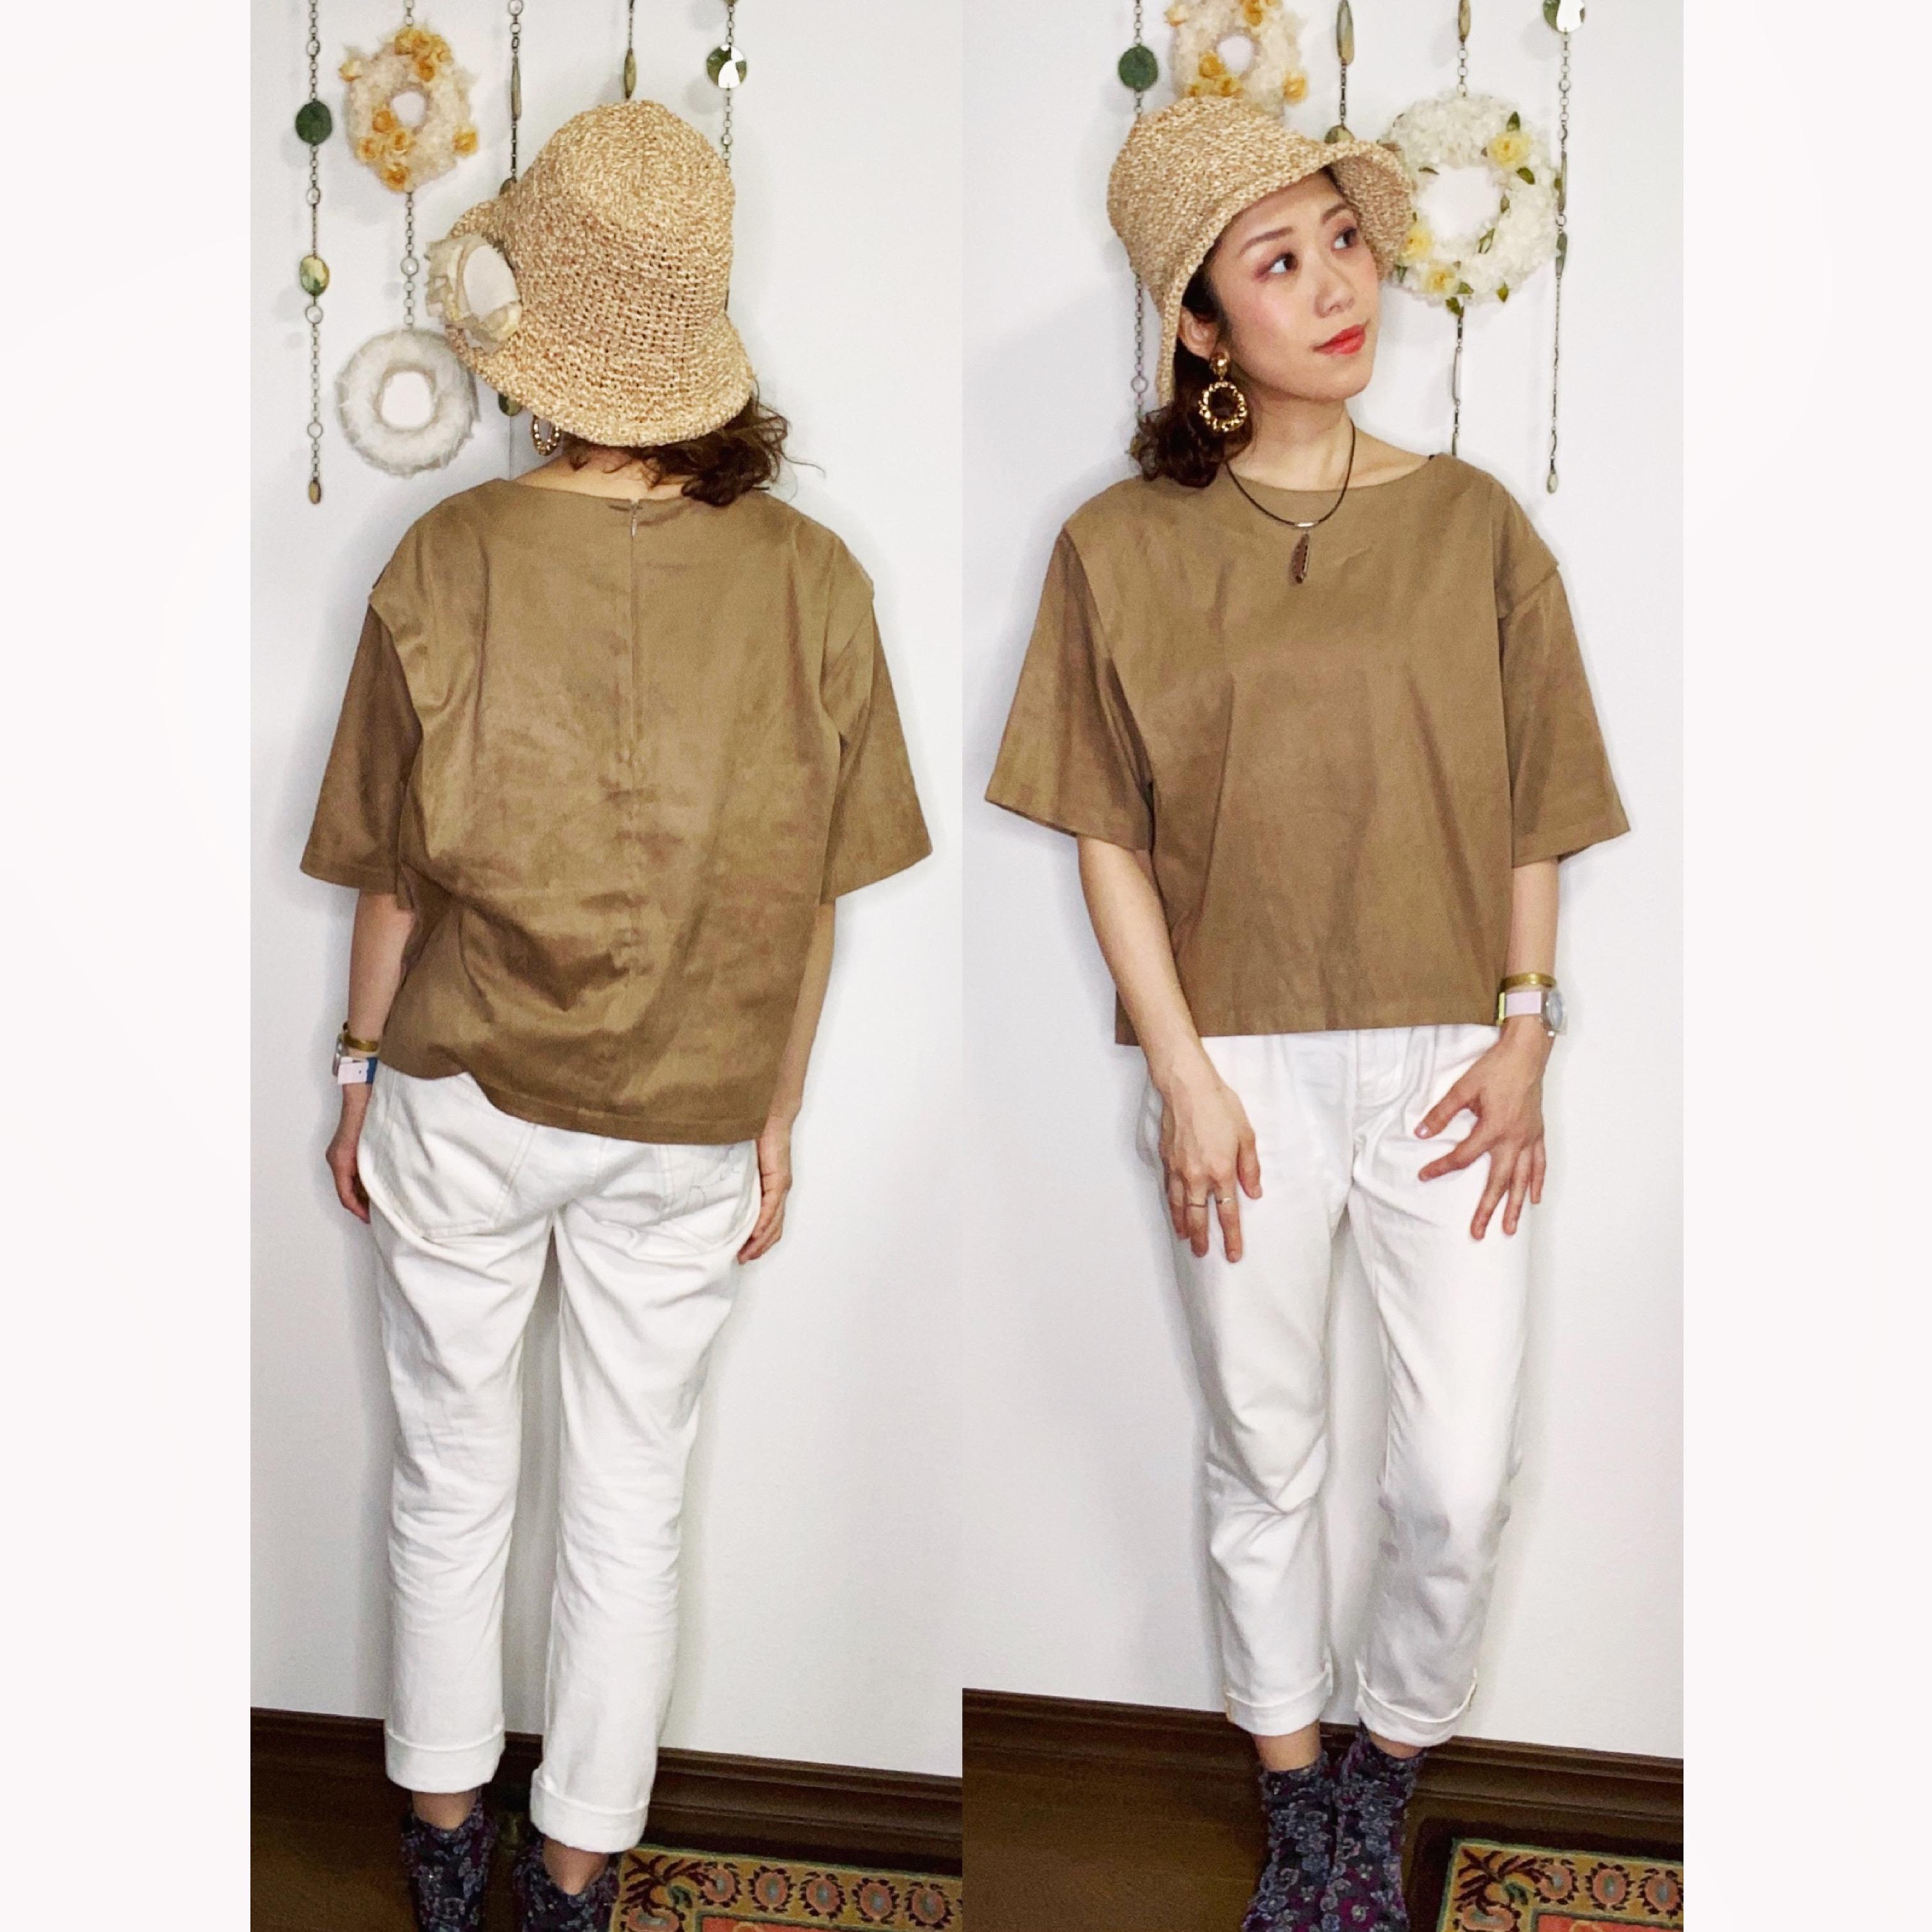 【オンナノコの休日ファッション】2020.9.10【うたうゆきこ】_1